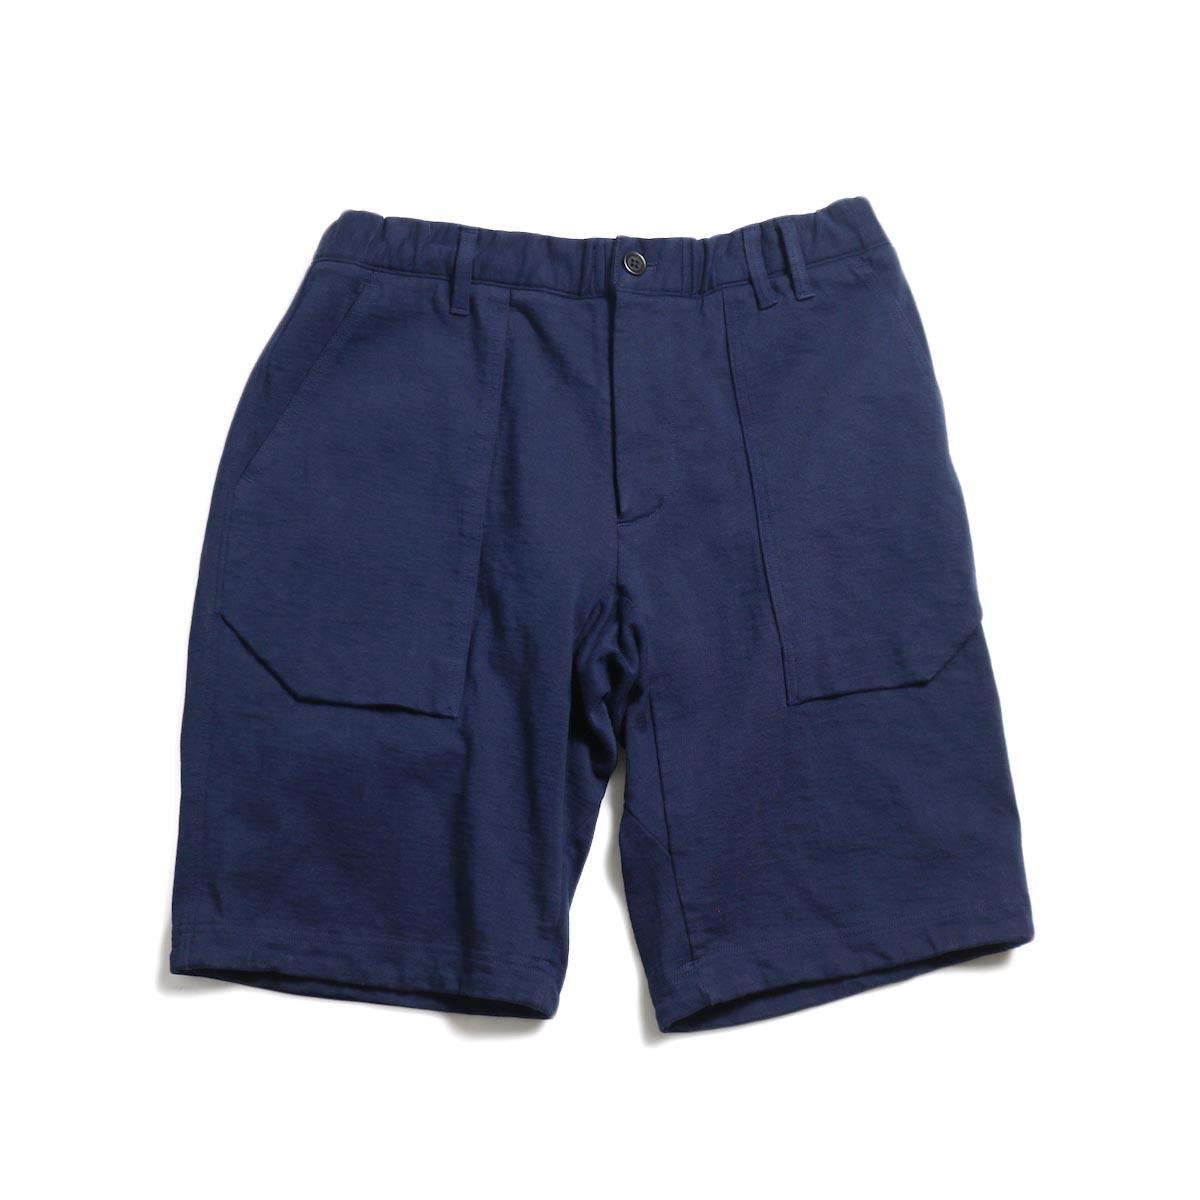 Jackman / Dotsume Shorts -Navy